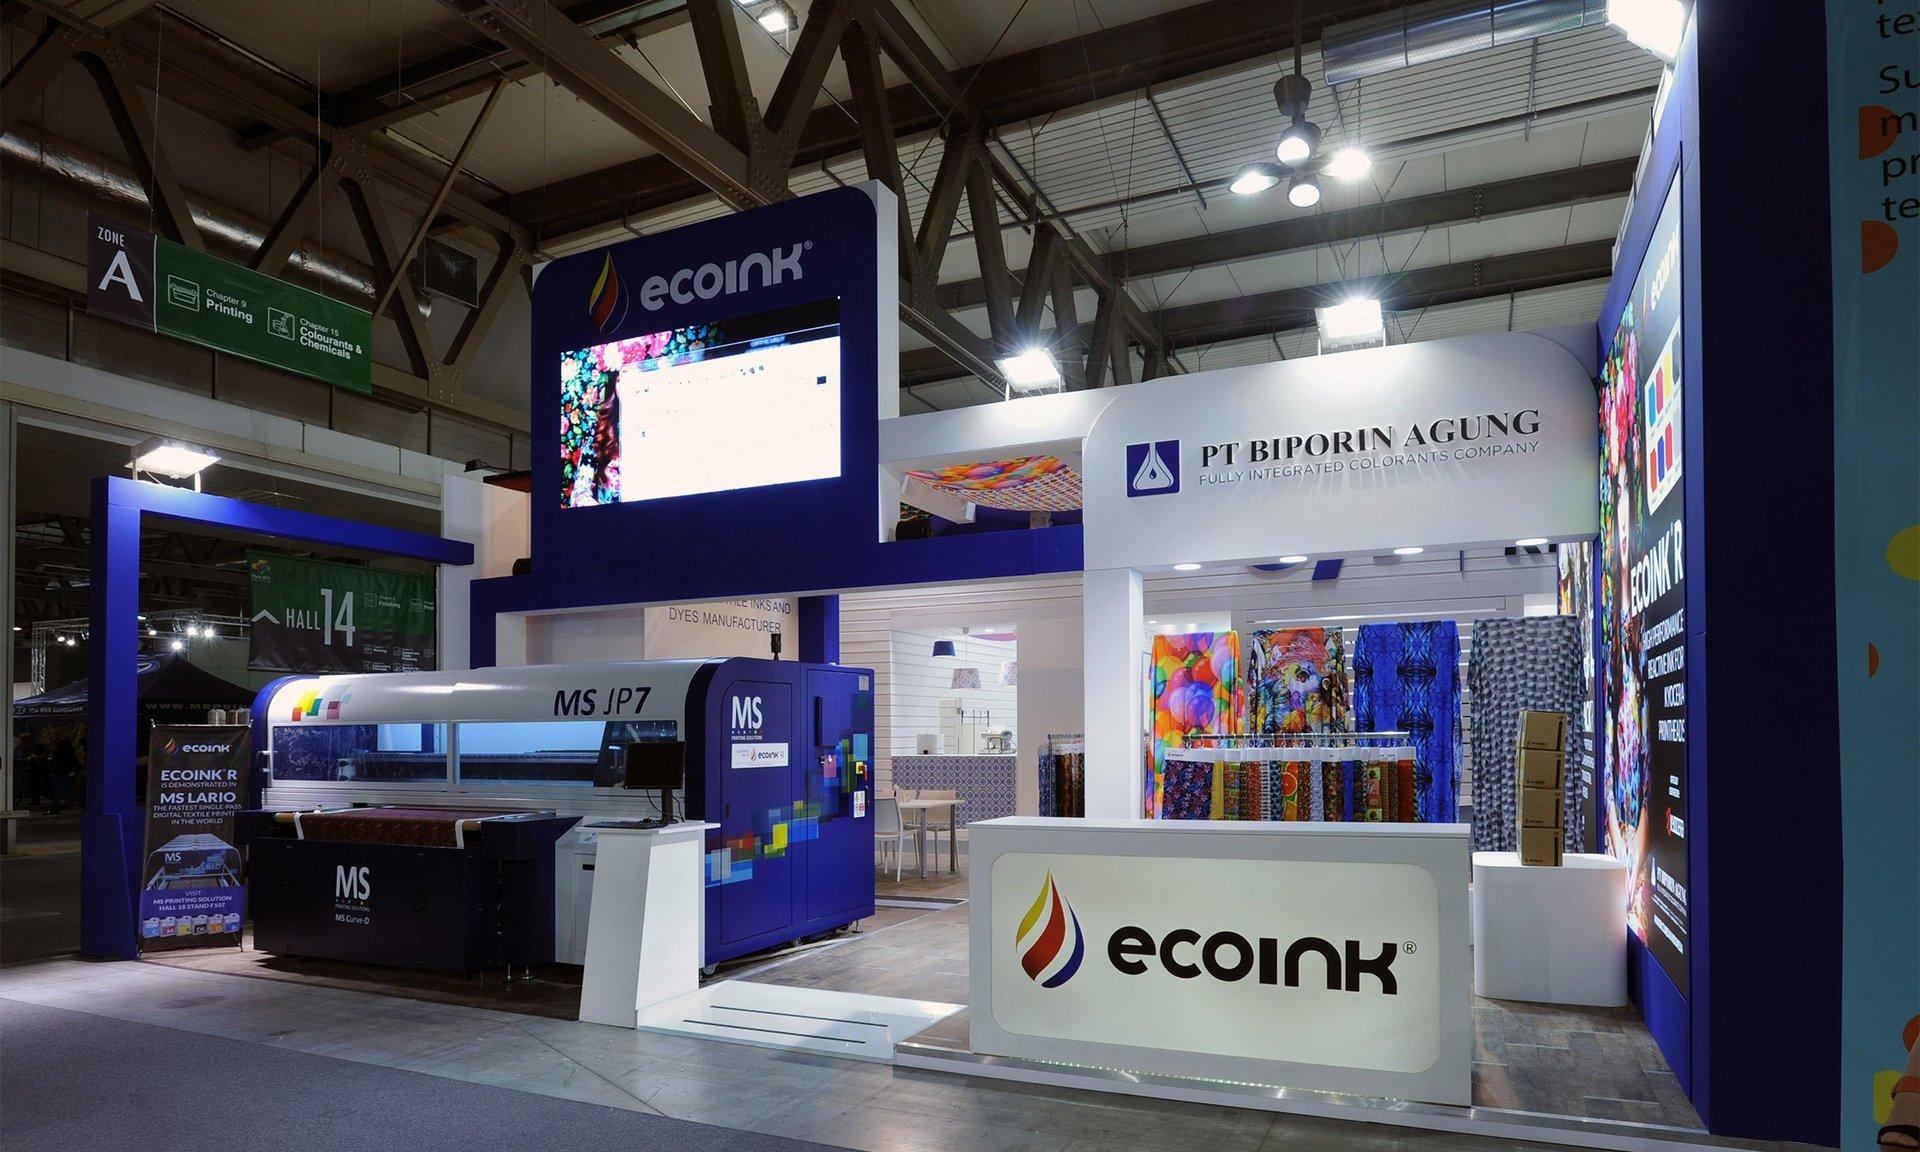 uno stand con esposizione di stoffe con  stampi di vari colori e disegni e una scritta Eco Ink